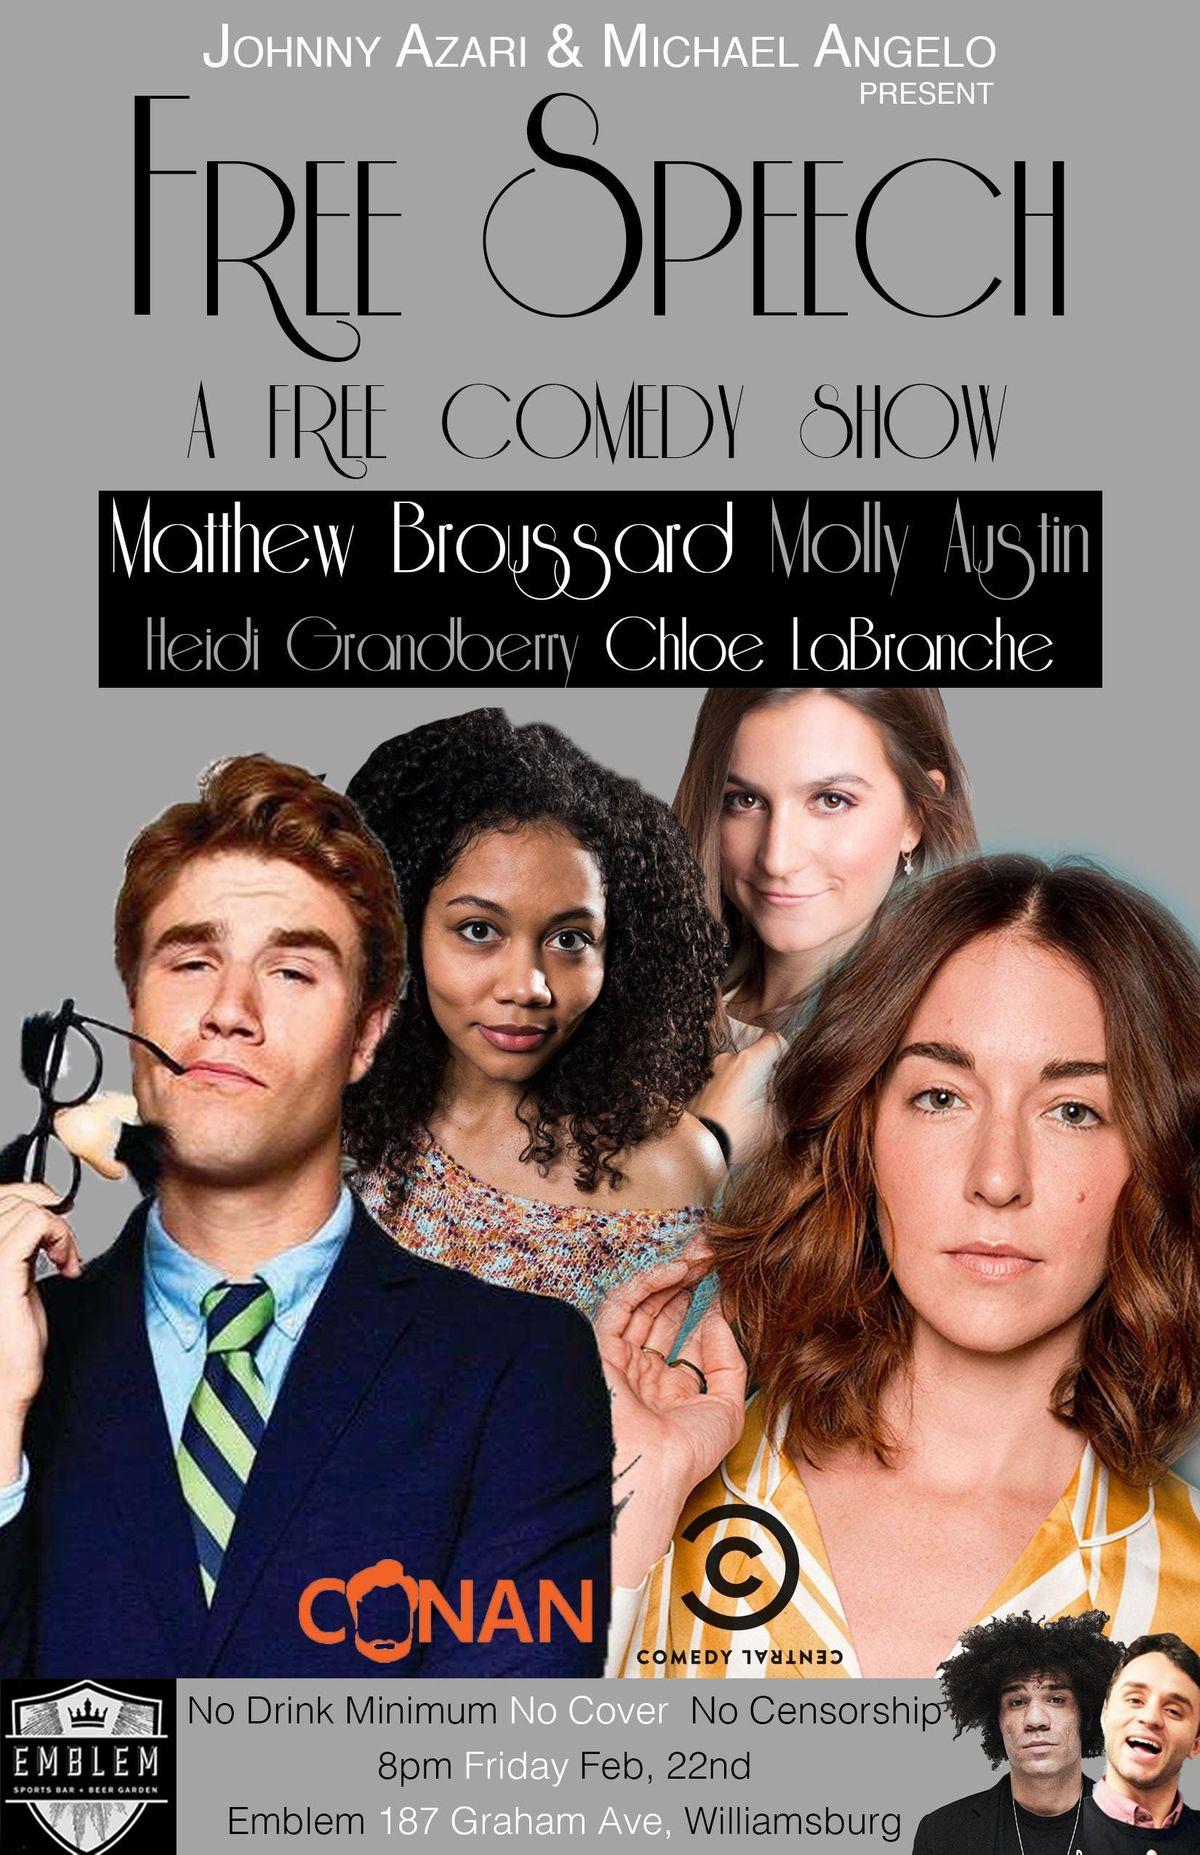 Free Speech (a free comedy show)